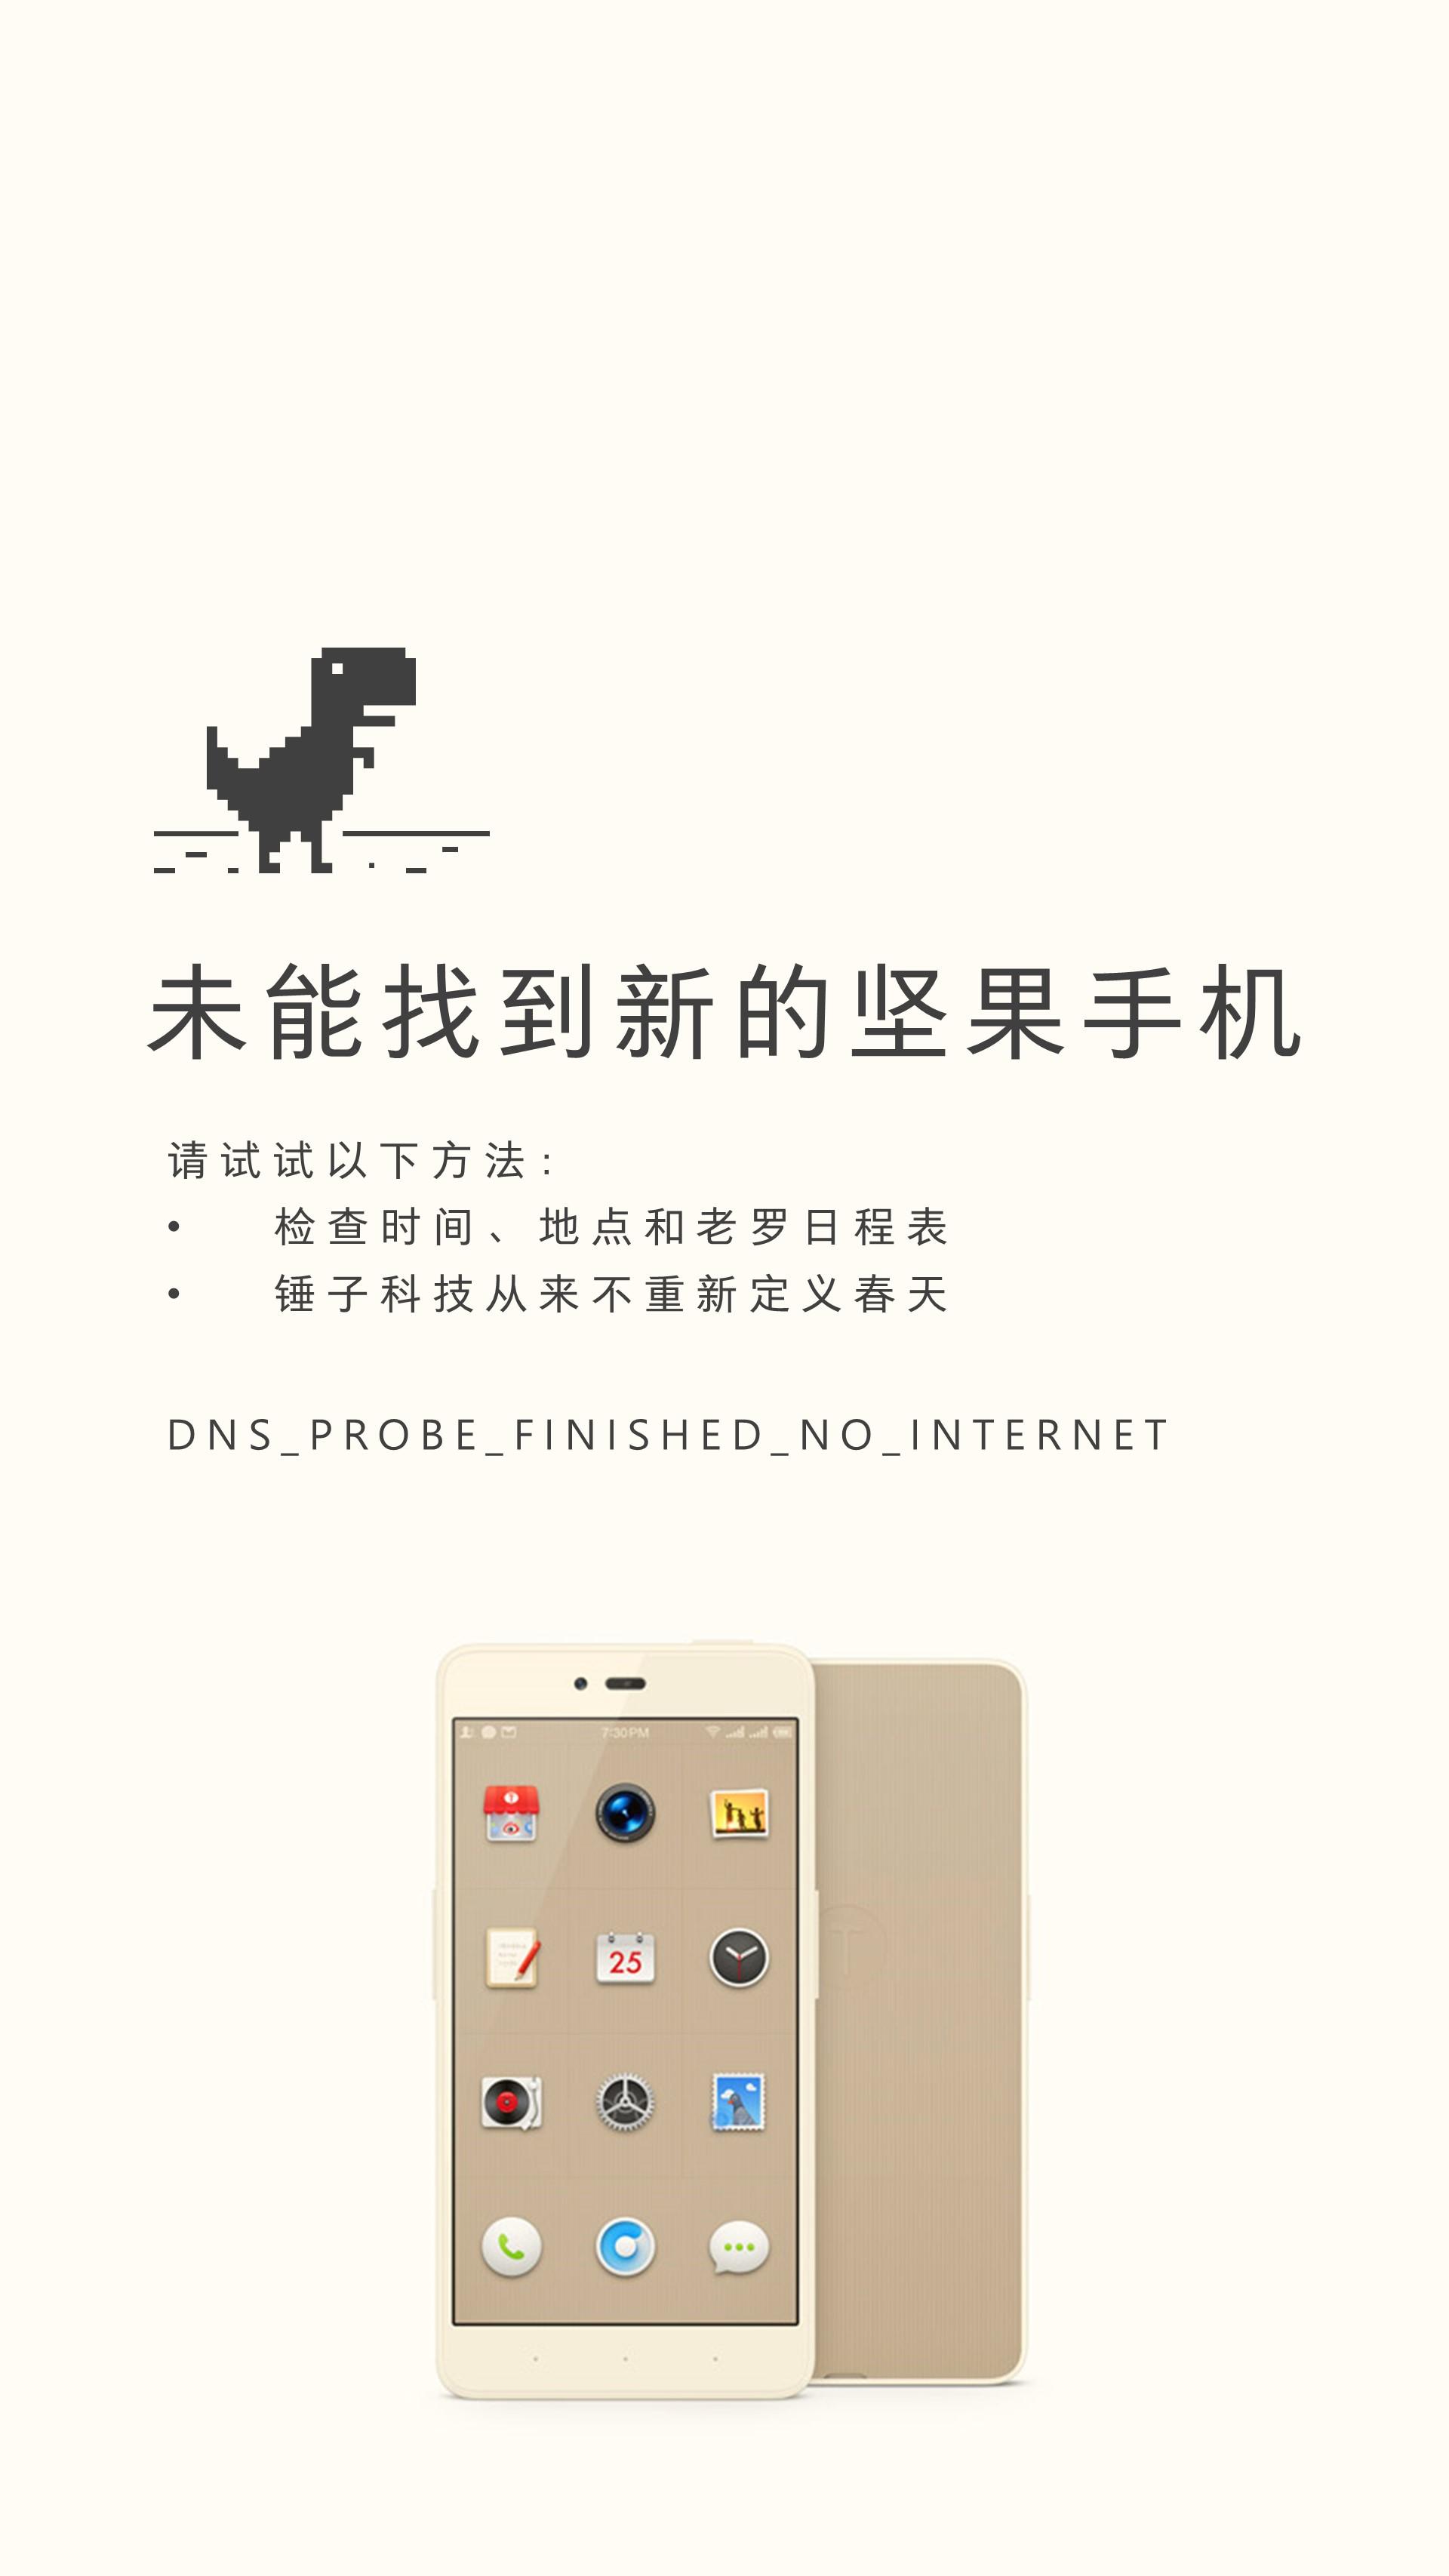 20170214-手机壁纸.-鸡jpg-1.jpg